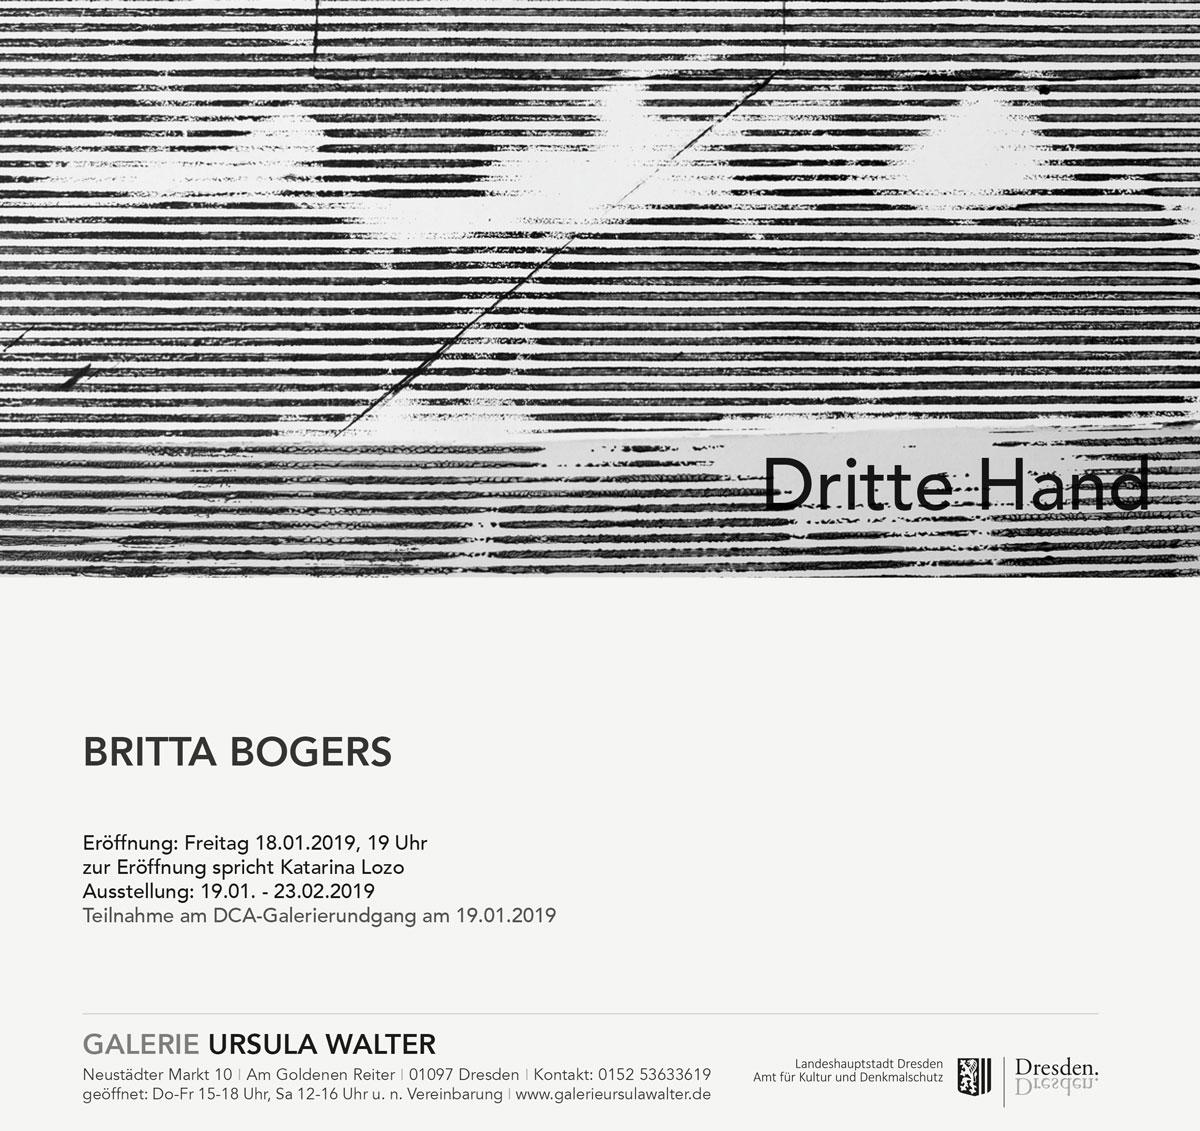 britta-bogers-